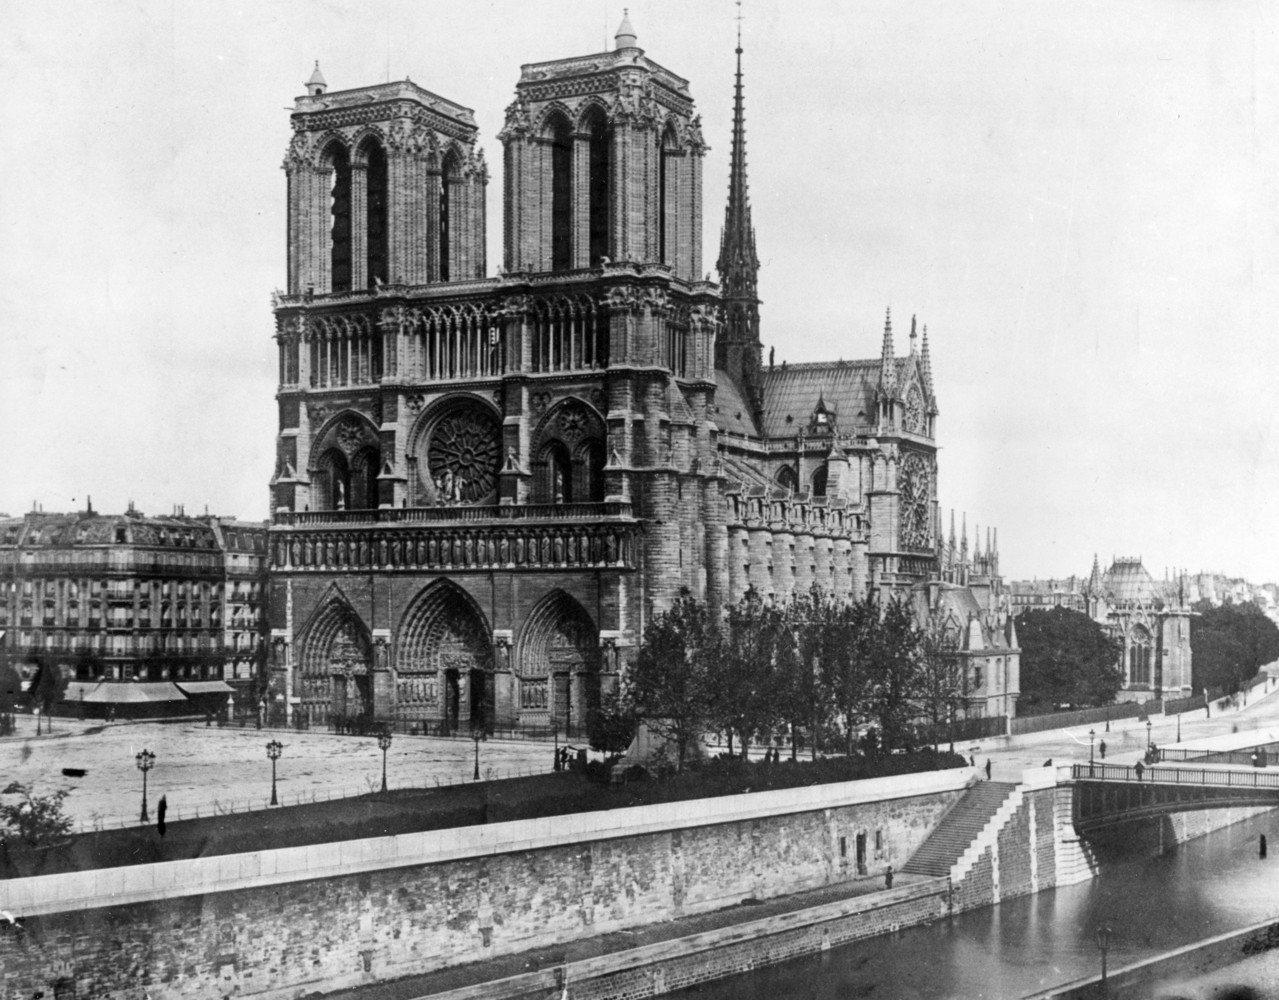 巴黎聖母院是法國最具象徵意義的地標之一,見證過許多歷史事件。圖為1911年的聖母...